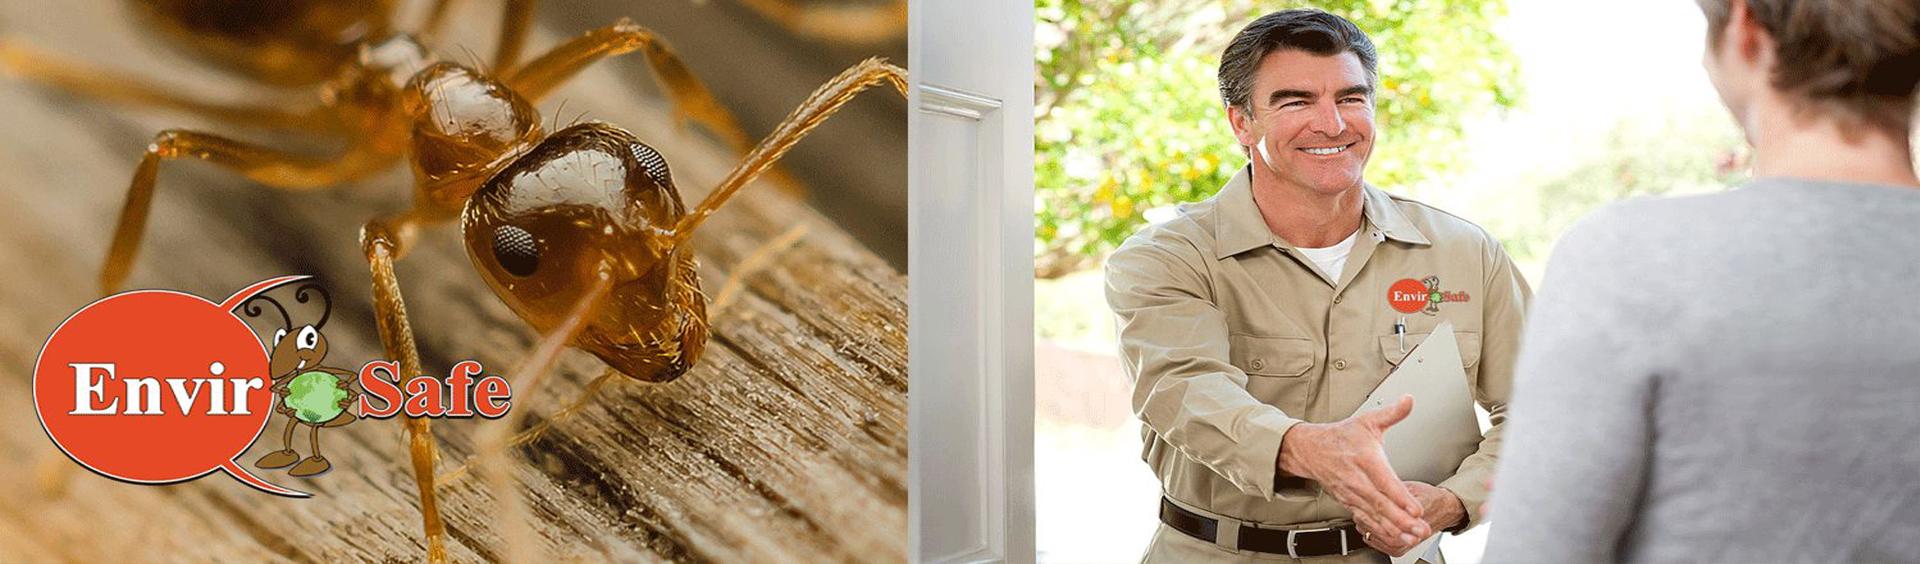 Envirosafe Pest Control of Orlando